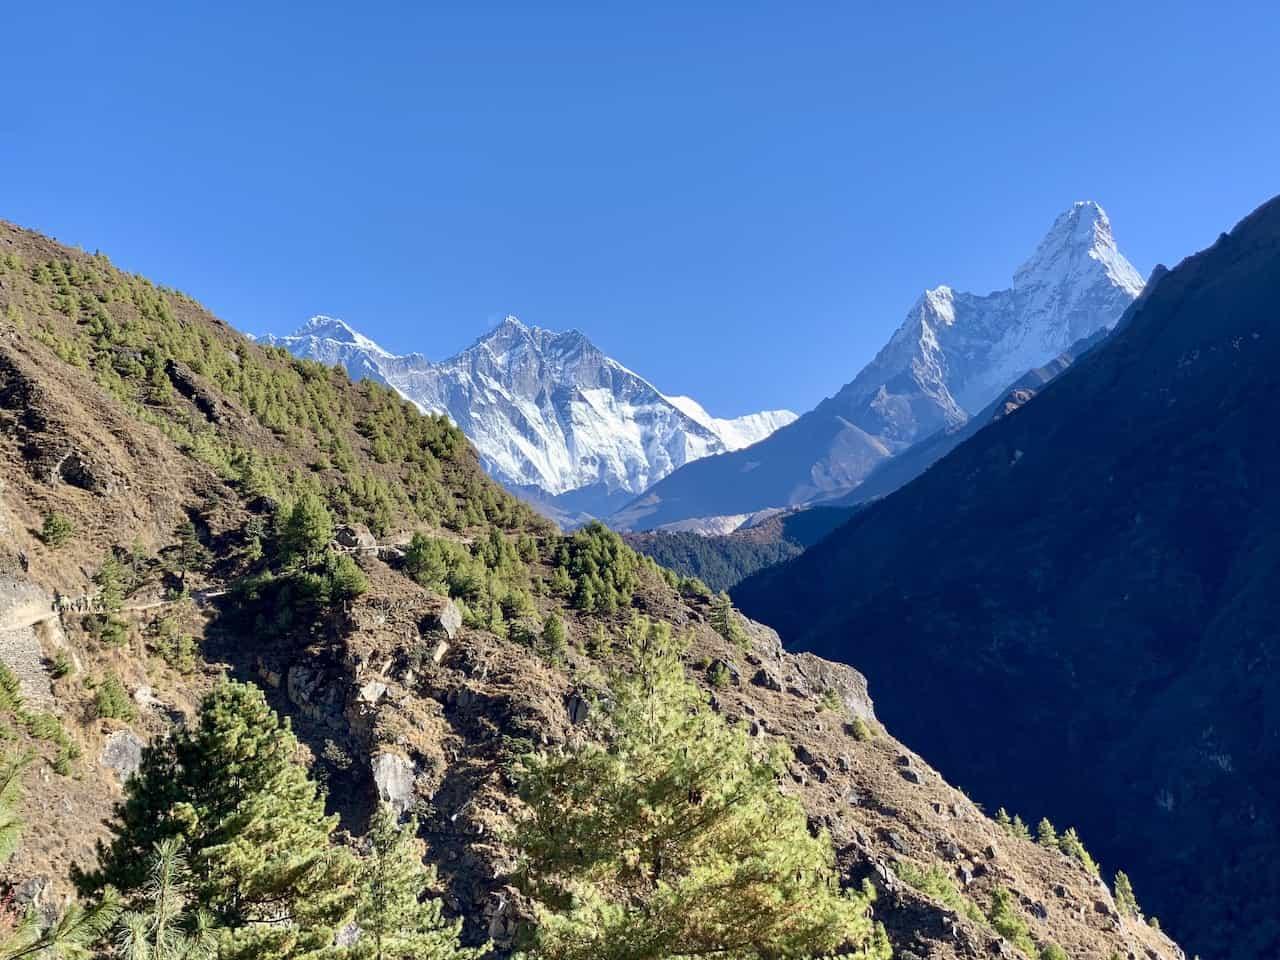 Mount Everest View Namche Bazaar to Tengboche